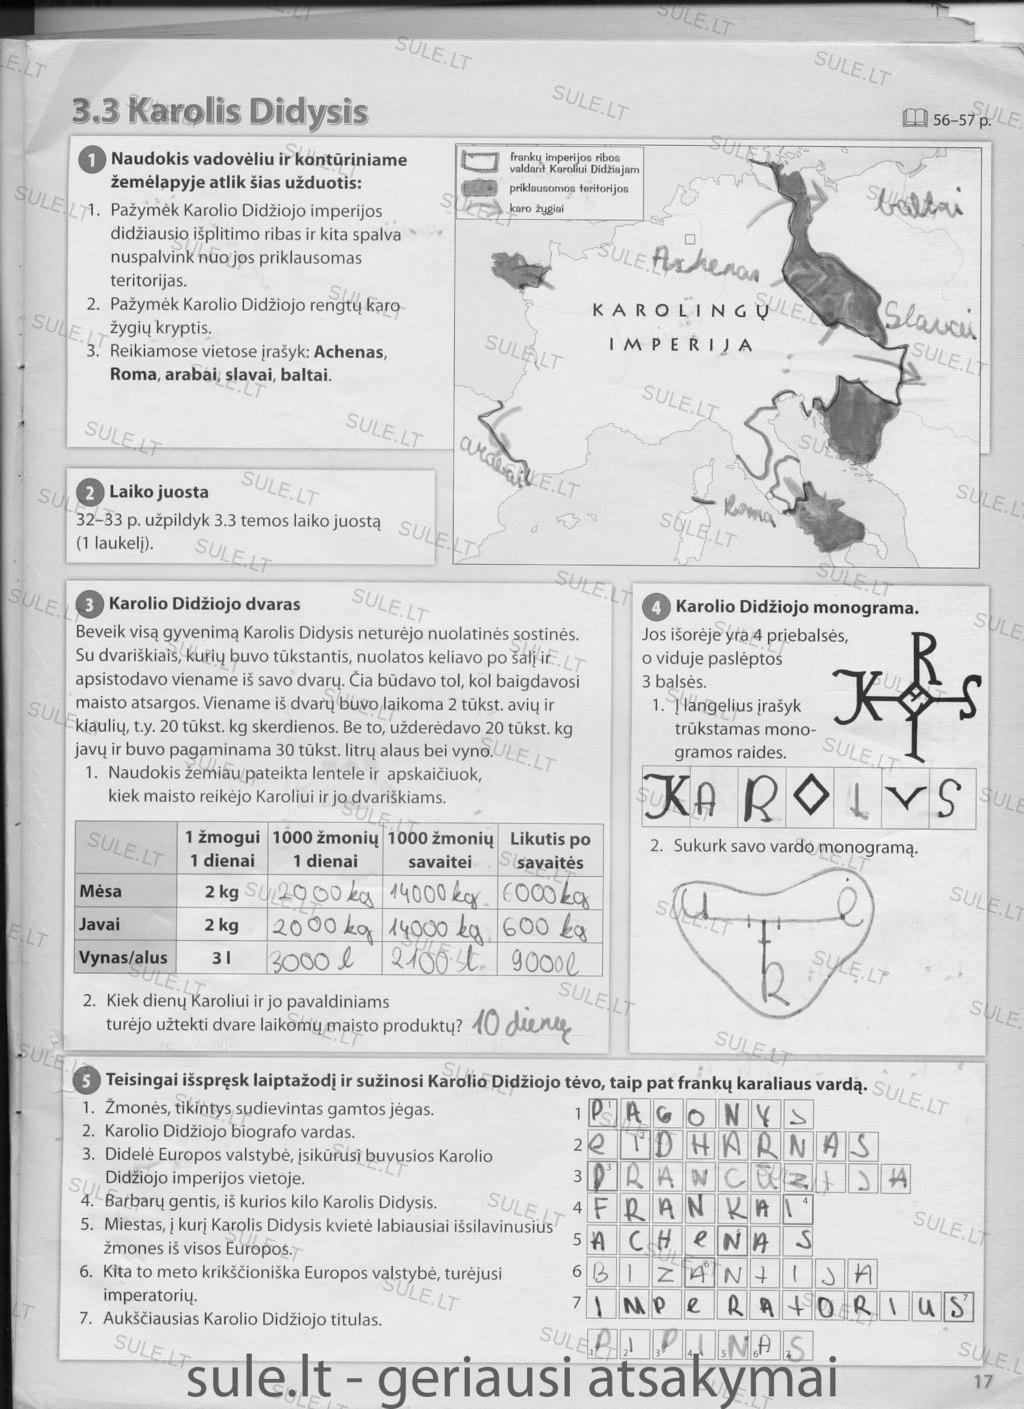 Peržiūrėti puslapį 16